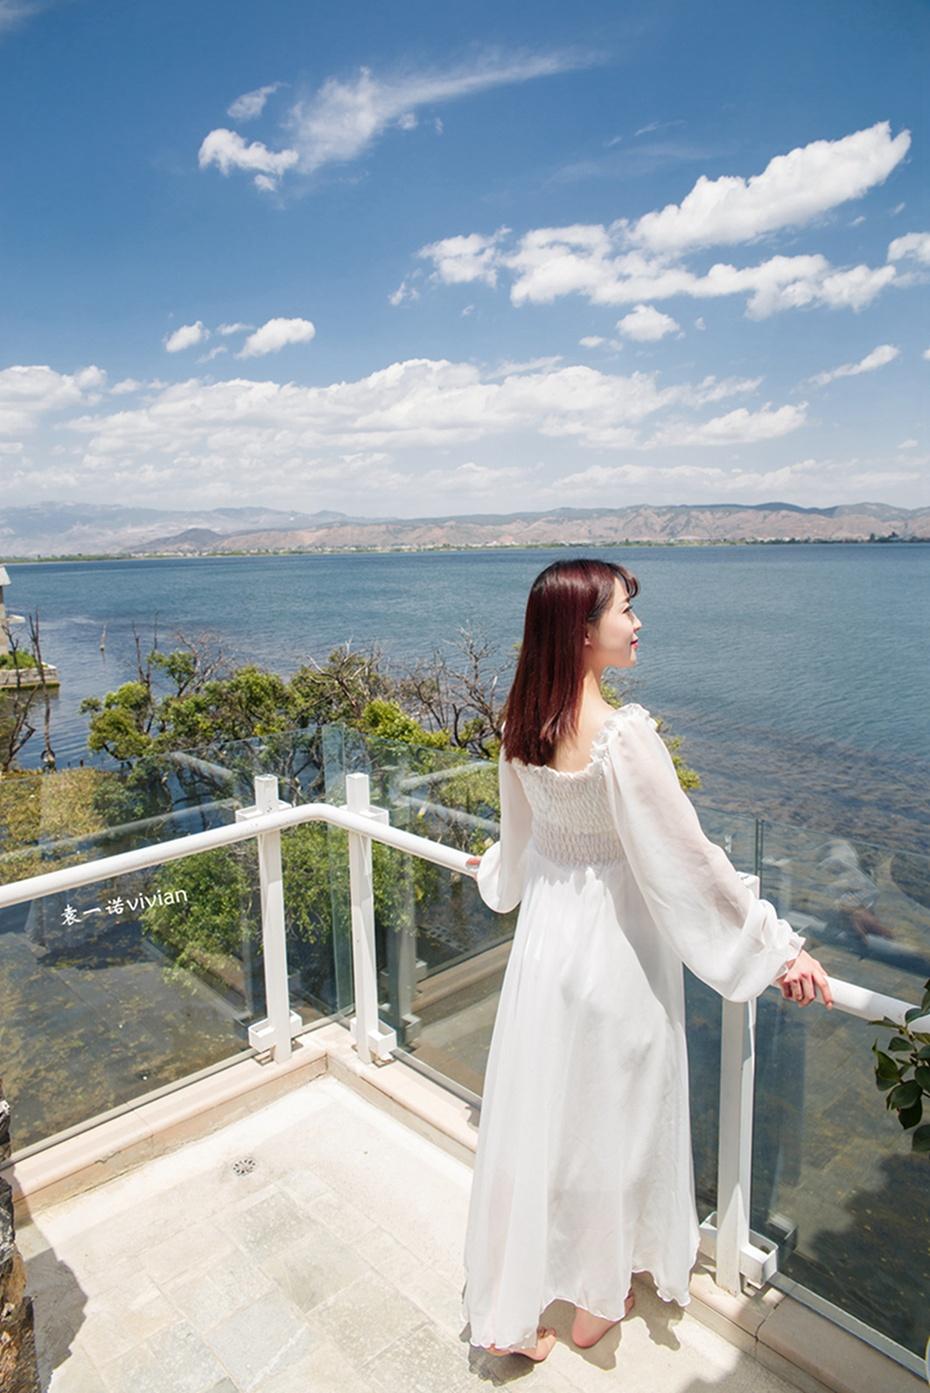 【袁一诺vivian】洱海,鲜为人知的美景,旅拍part3 - 小一 - 袁一诺vivian